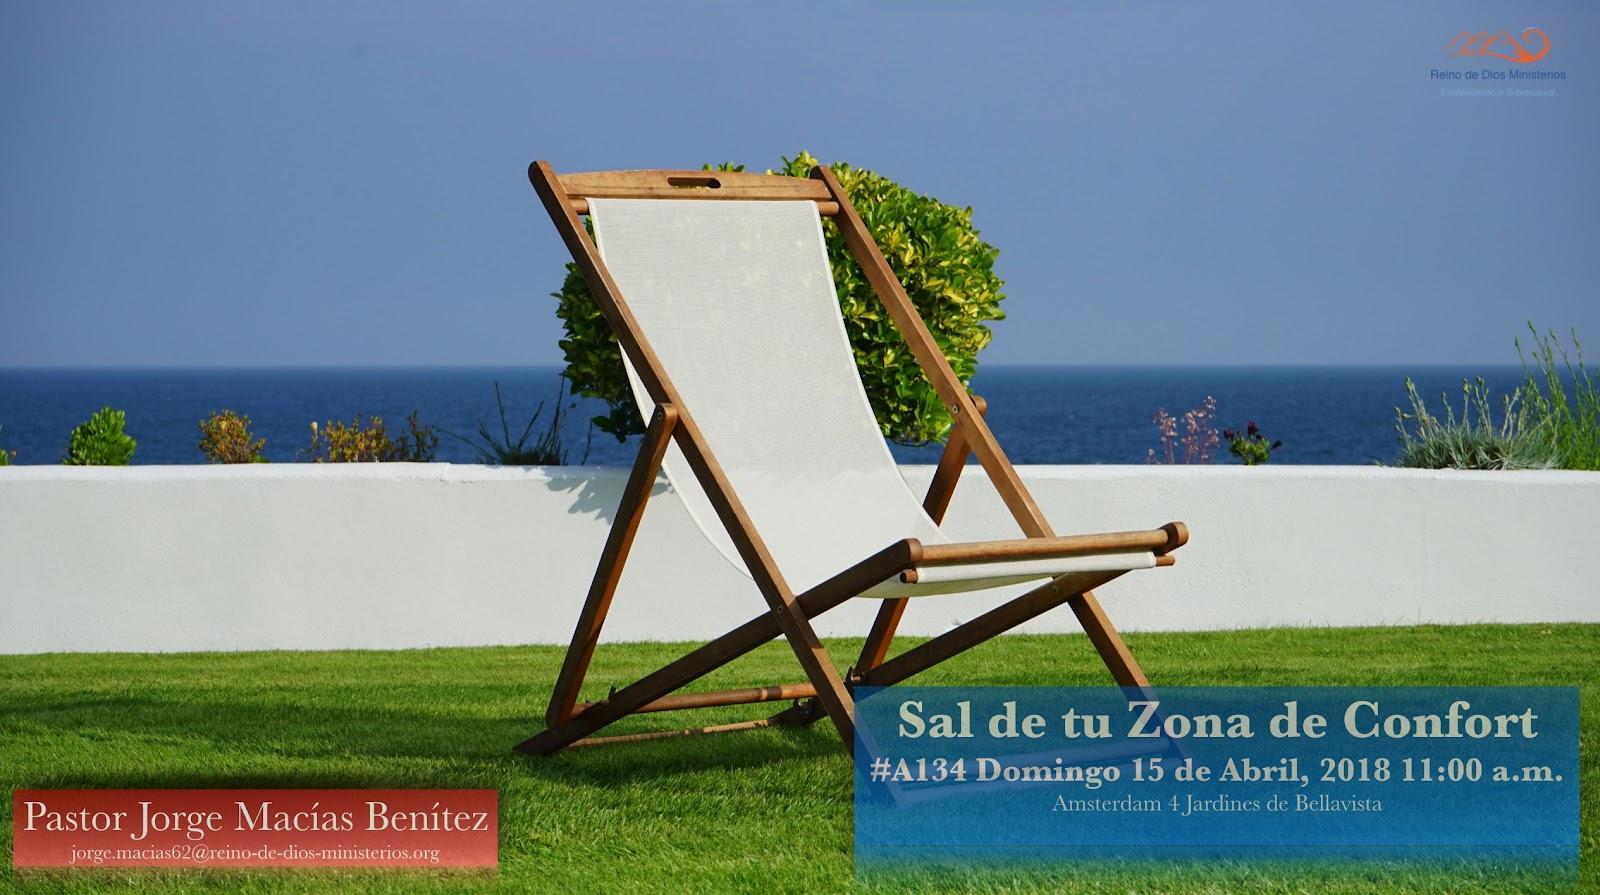 A134 Sal de tu Zona de Confort | REINO DE DIOS